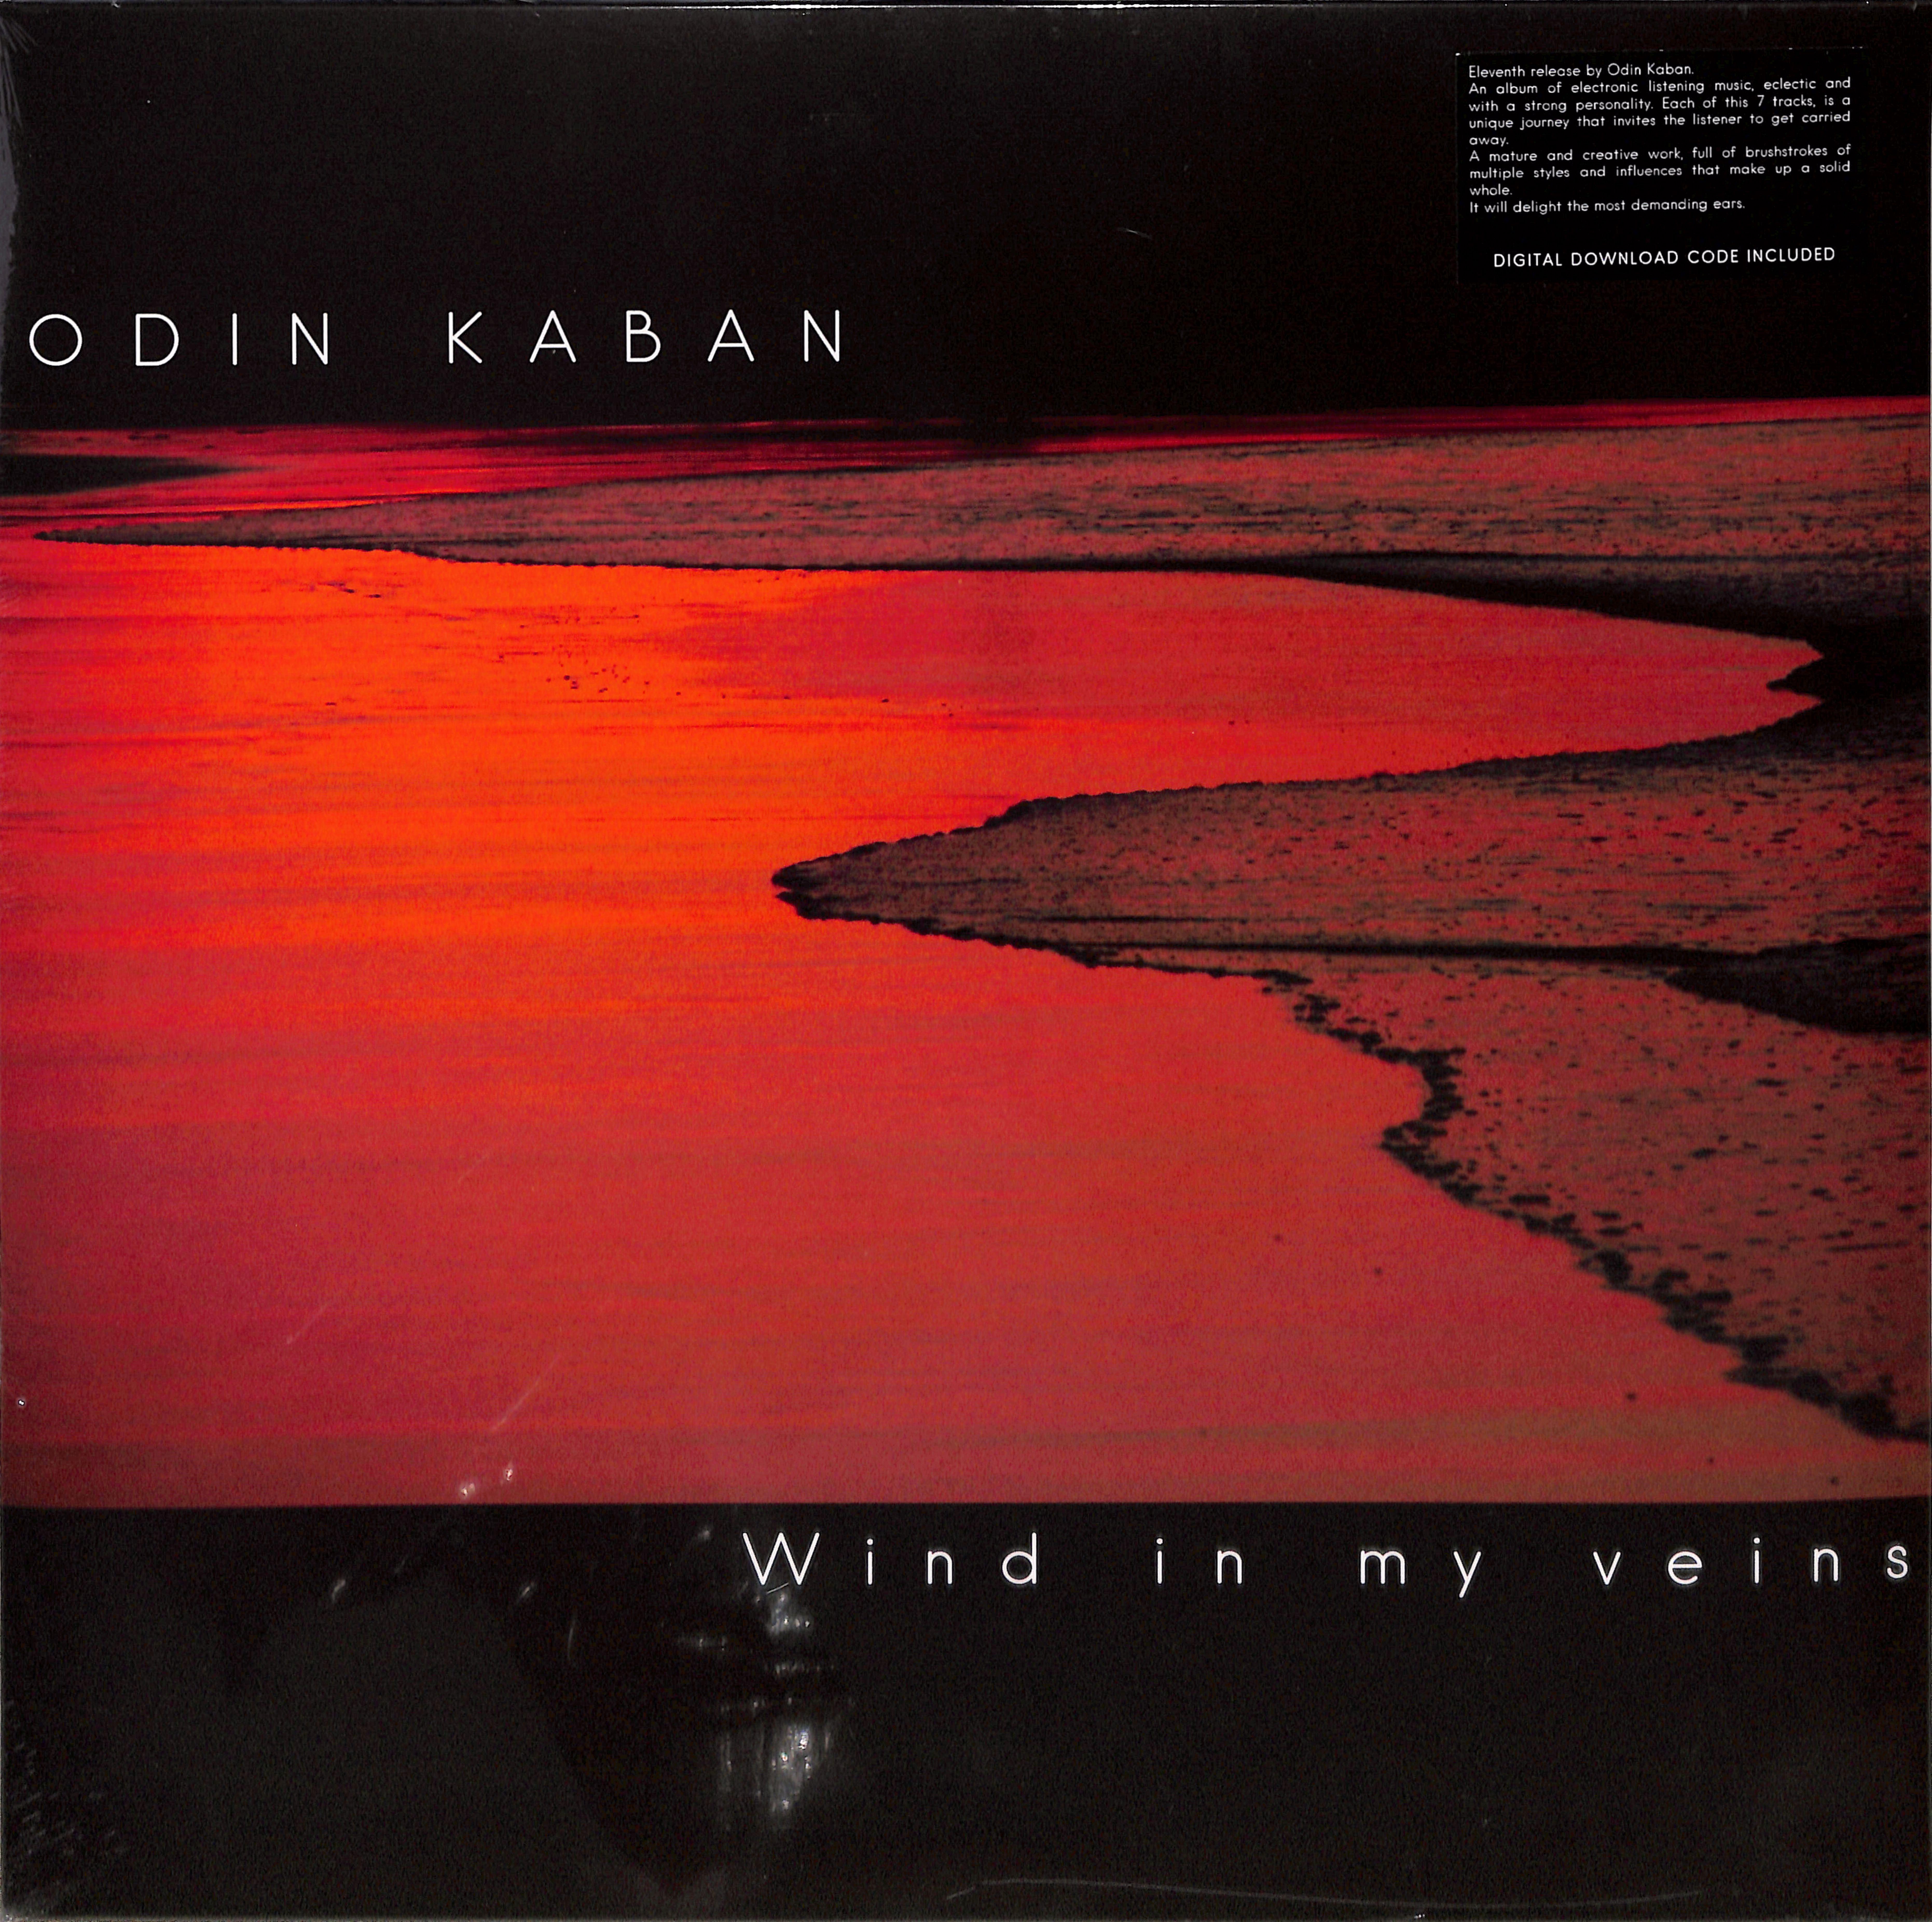 Odin Kaban - WIND IN MY VEINS